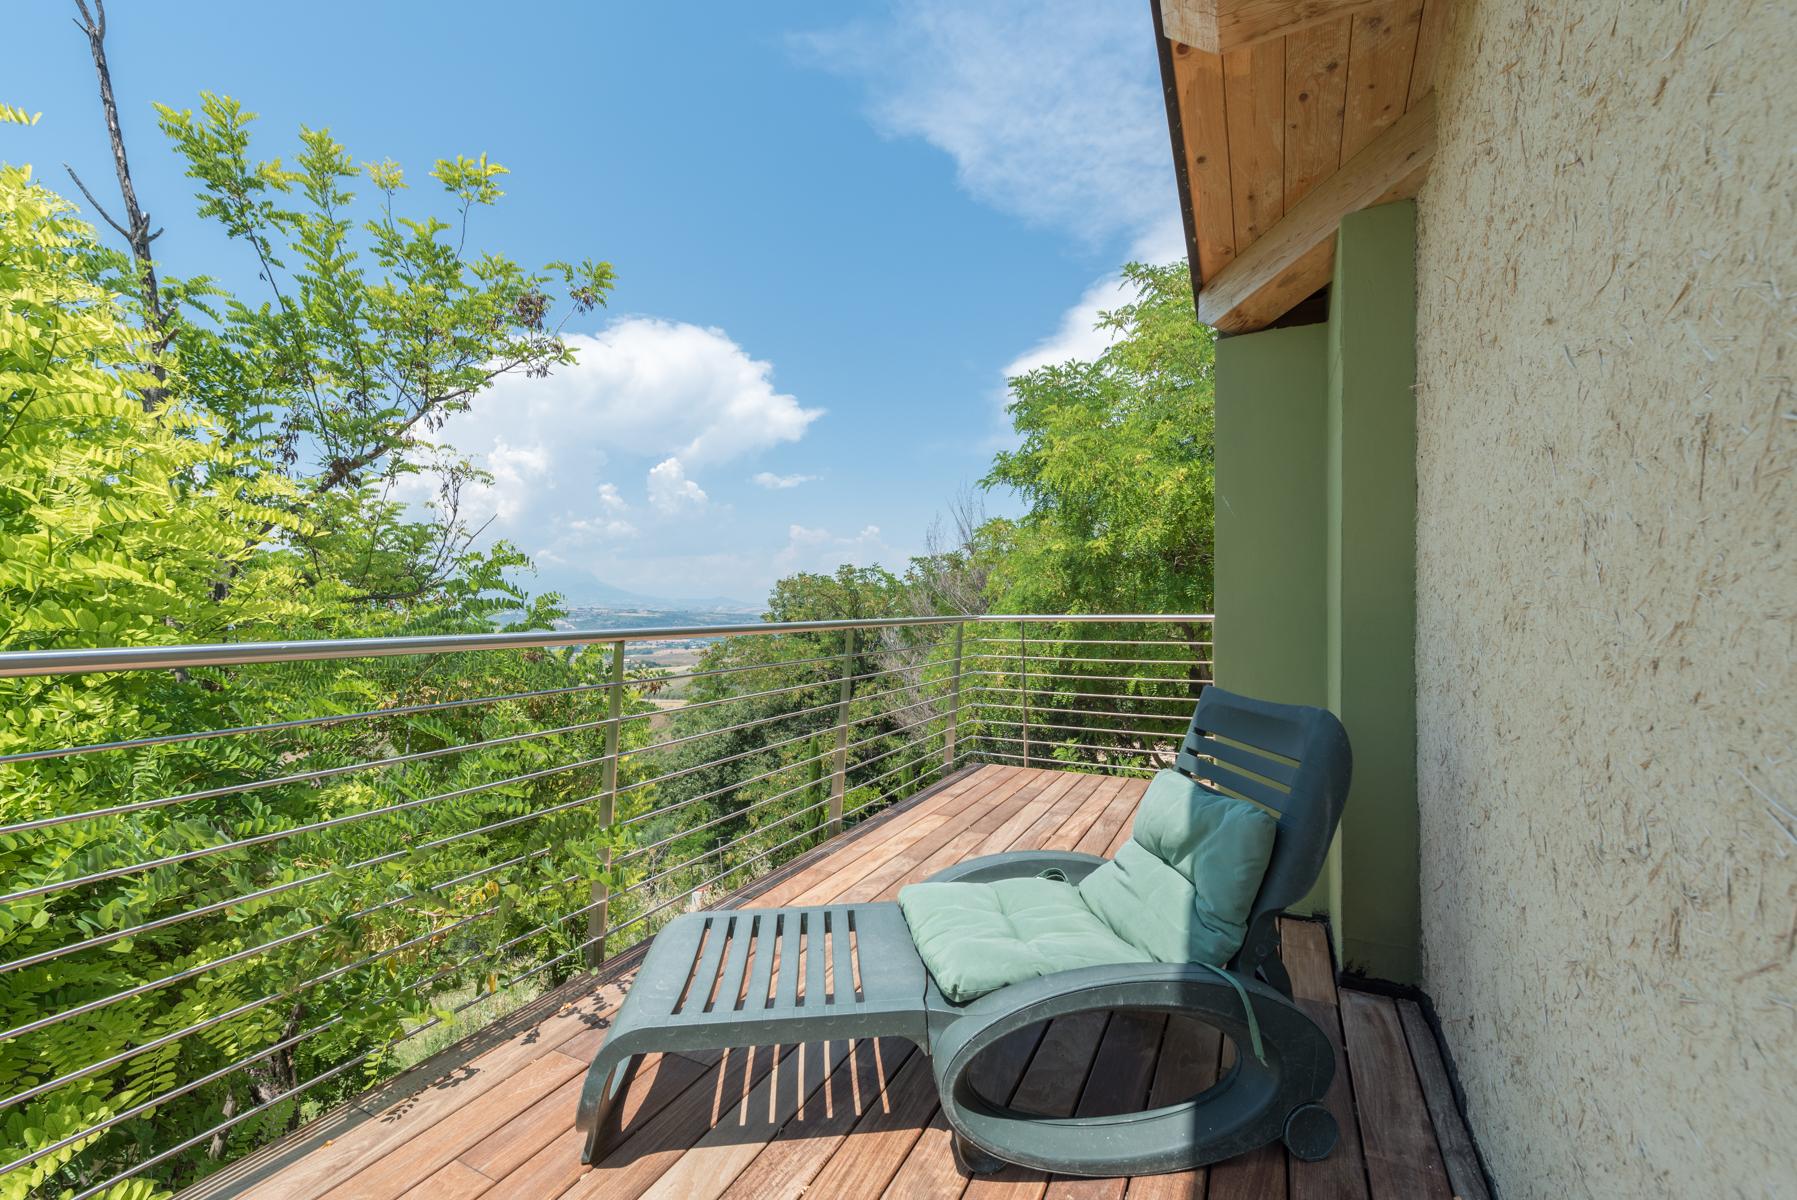 Villa Villa for sale Casalincontrada (CH), Casa Sentinella - Casalincontrada - EUR 321.299 580